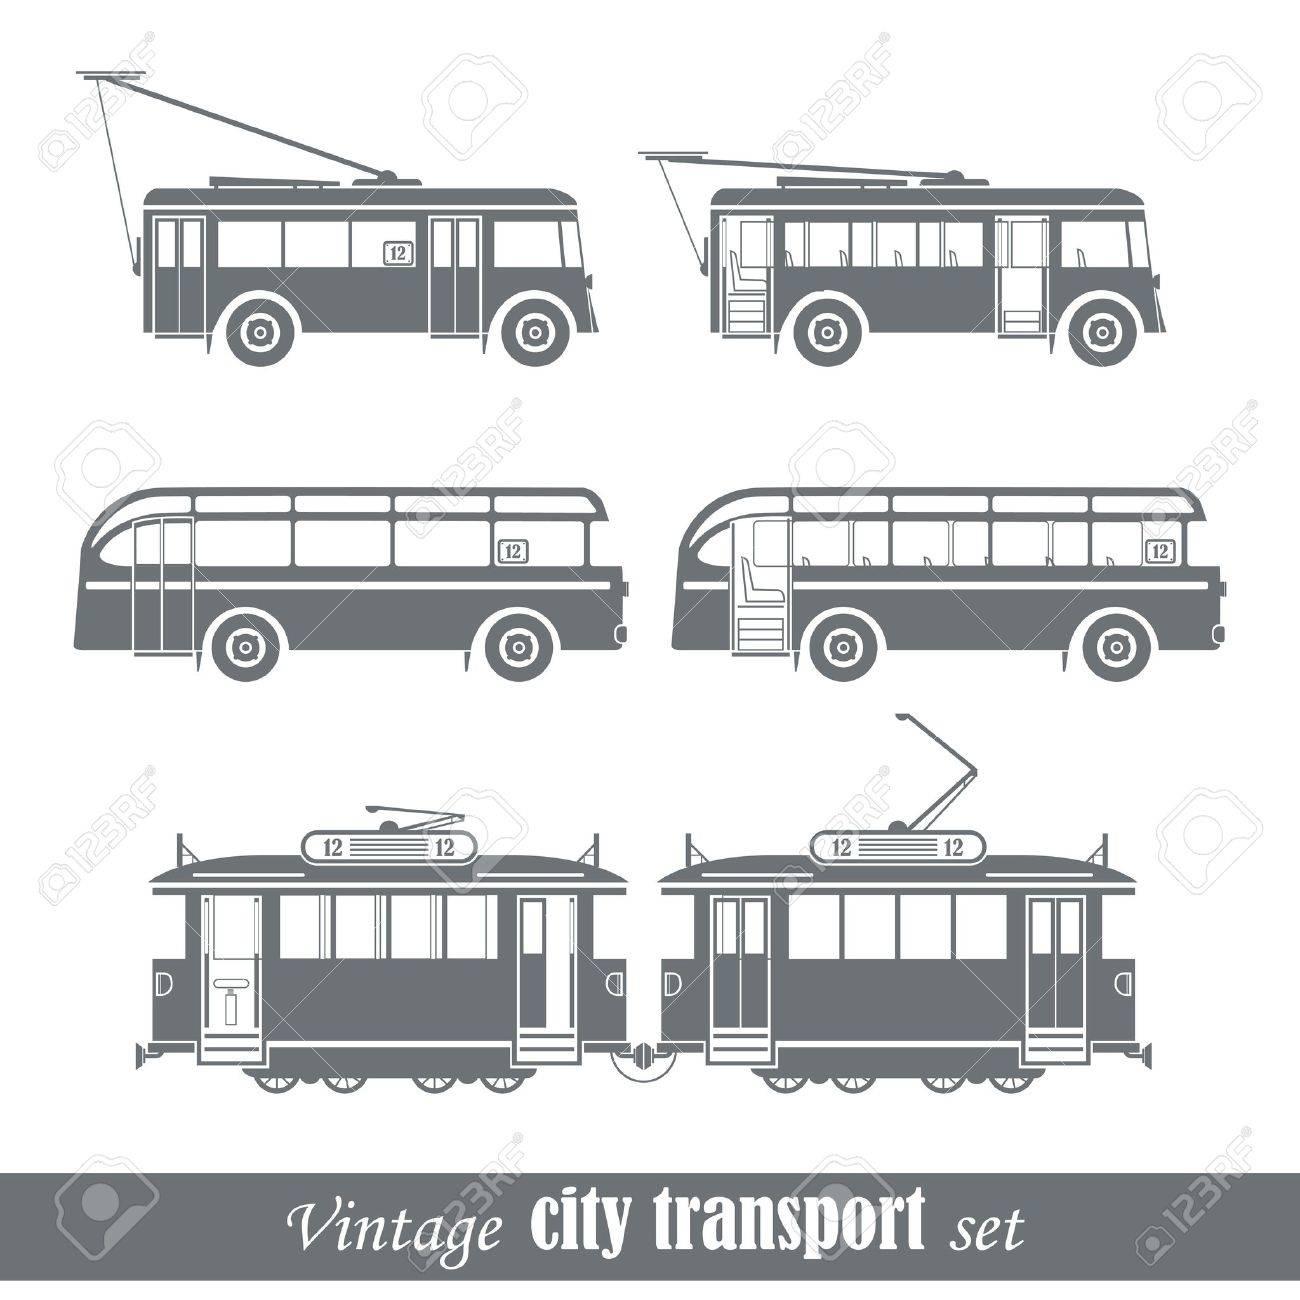 Vintage city transport vehicles set Isolated on white - 18962789